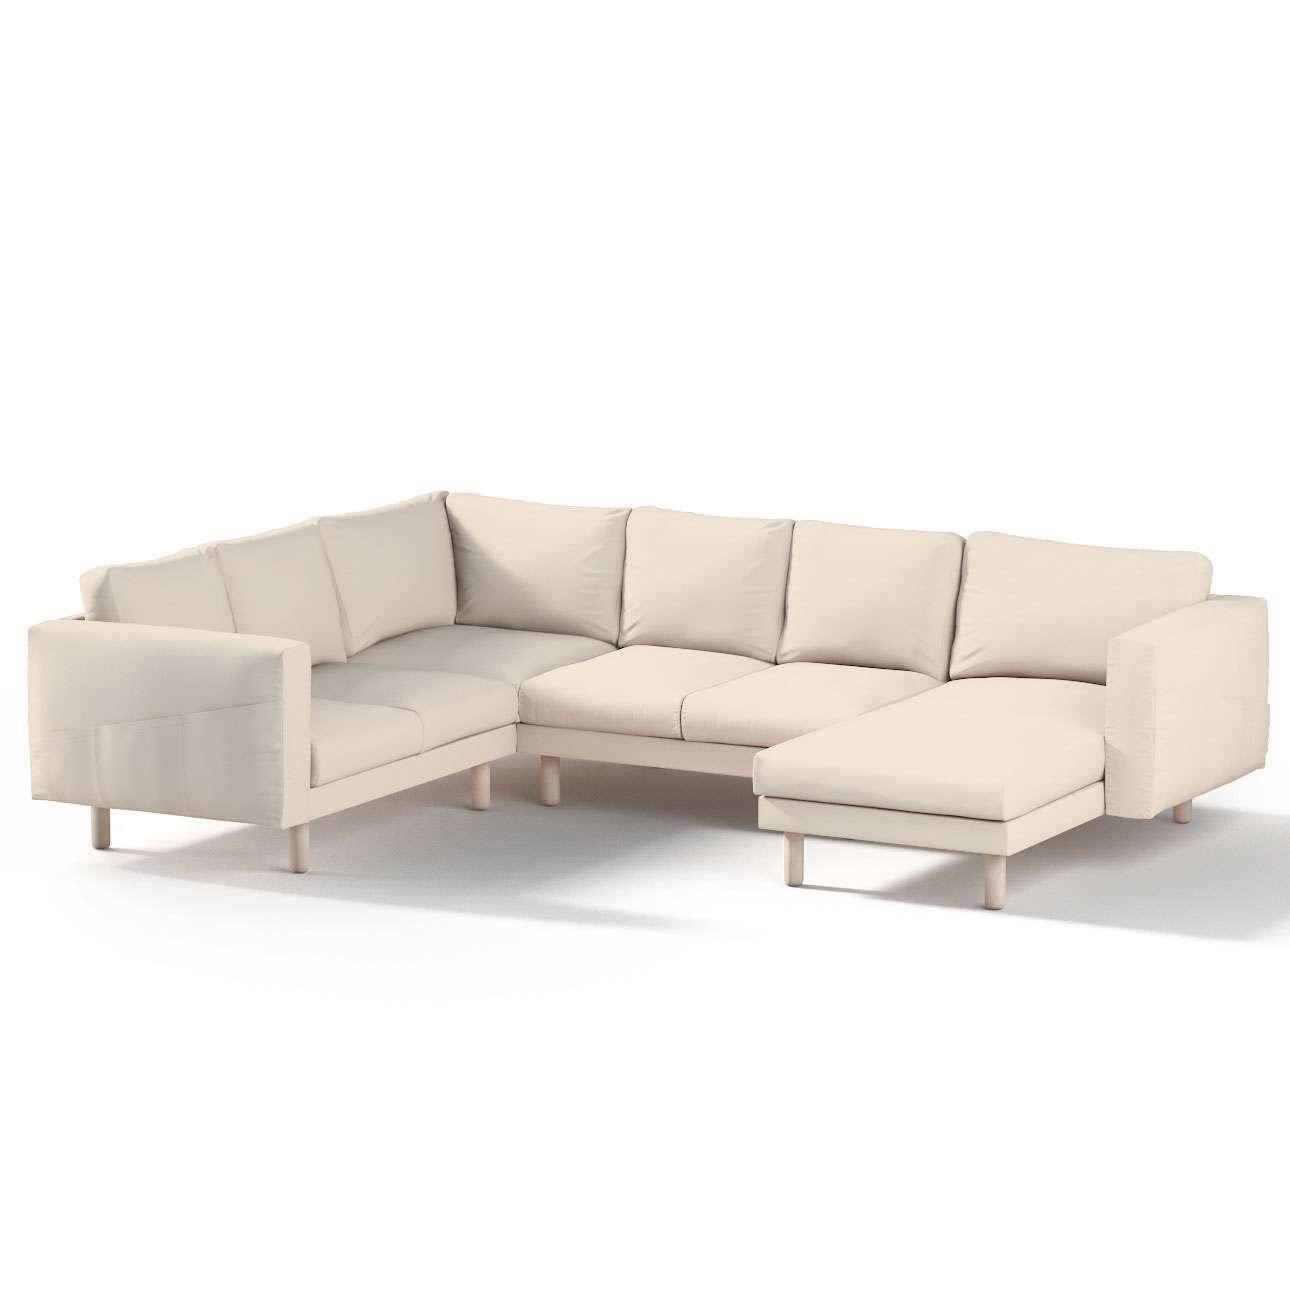 Pokrowiec na sofę narożną Norsborg 5-osobową z szezlongiem w kolekcji Etna, tkanina: 705-01